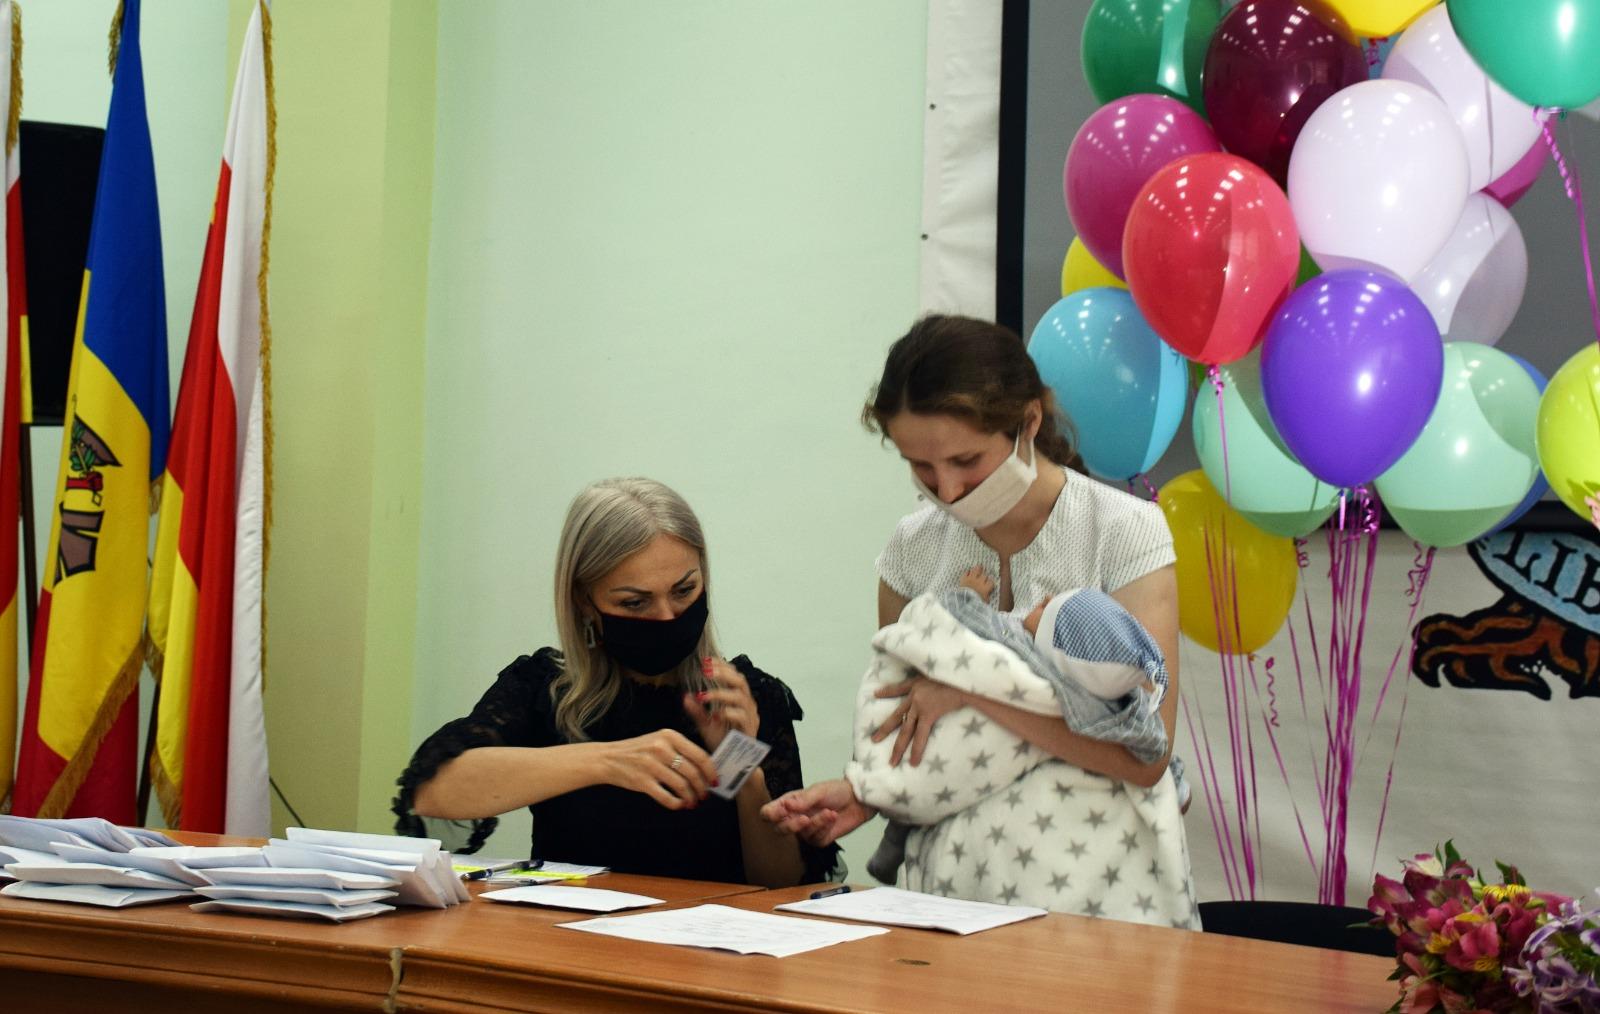 Alte 25 de familii din Orhei și-au ridicat indemnizațiile unice la nașterea copilului în sumă de 7000 și 10000 de lei